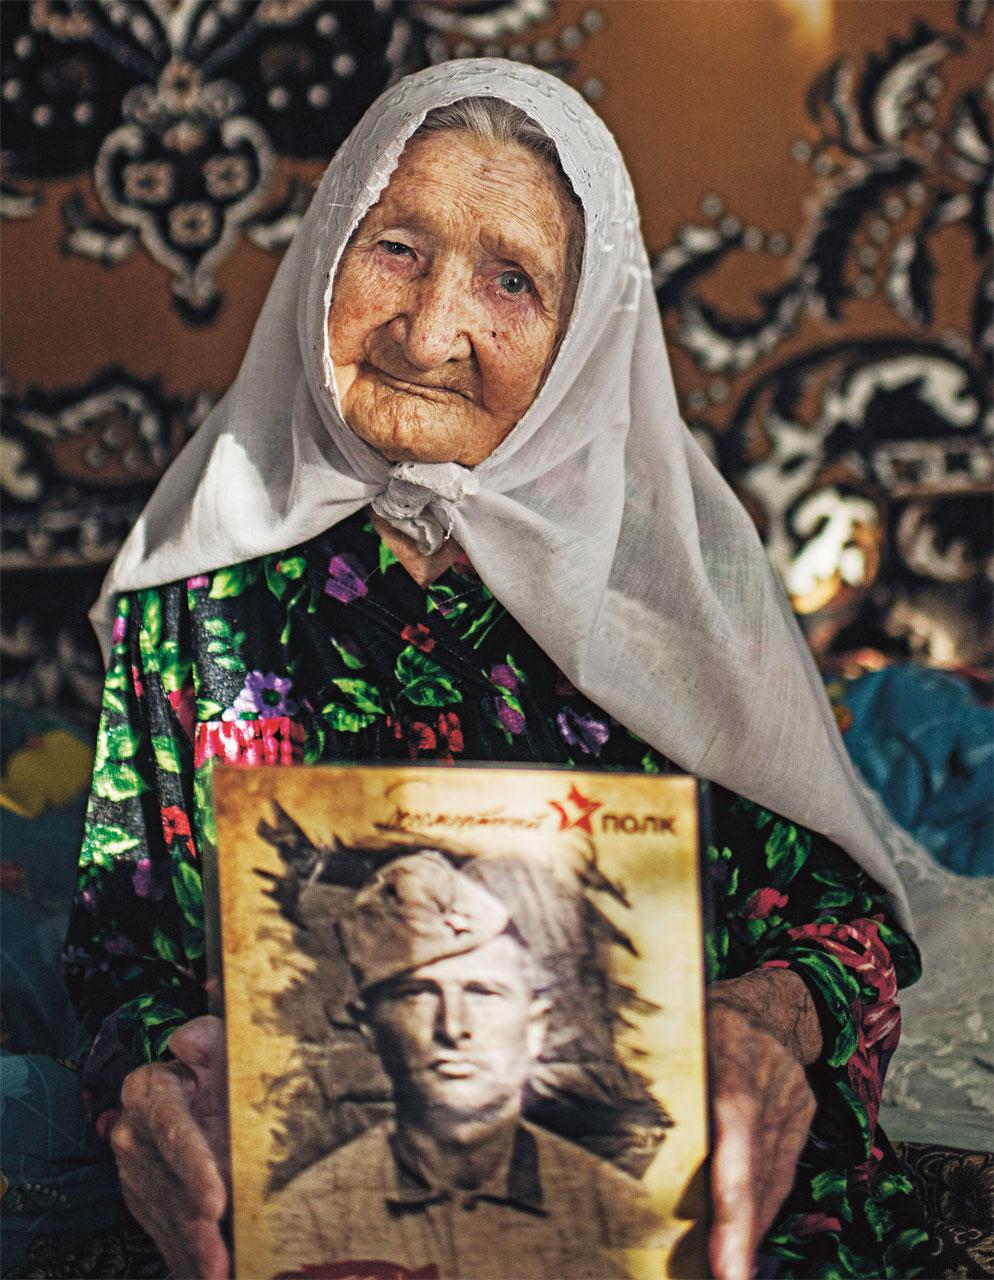 Minizaitunya Ibyatullina nasceu antes da revolução e trabalhou numa fazenda coletiva na época da União Soviética. Aos 102 anos, mostra com orgulho a foto do marido, morto na Segunda Guerra